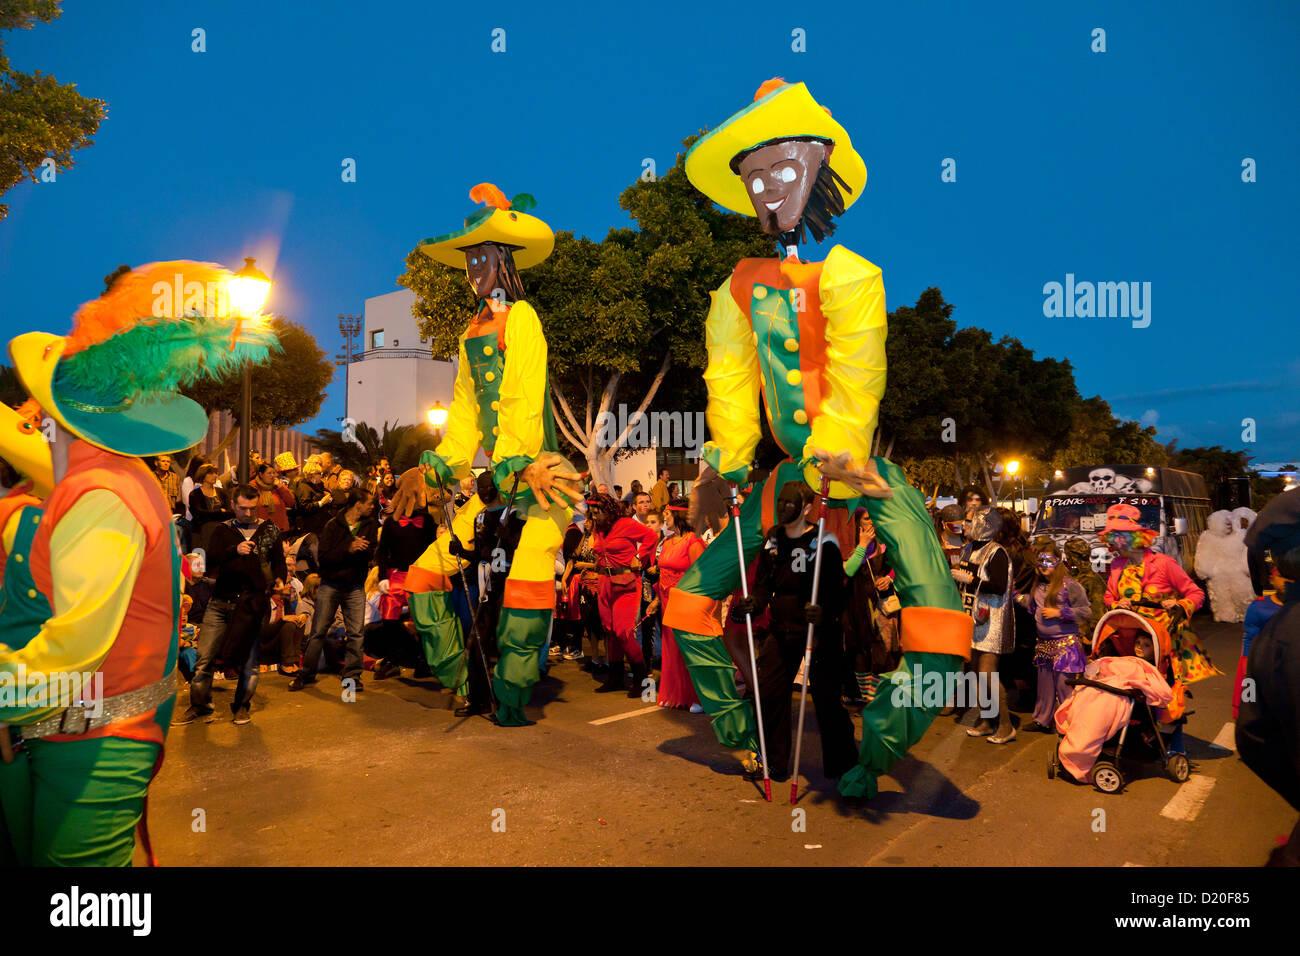 Sfilata di Carnevale in serata, Arrecife, Lanzarote, Isole Canarie, Spagna, Europa Immagini Stock